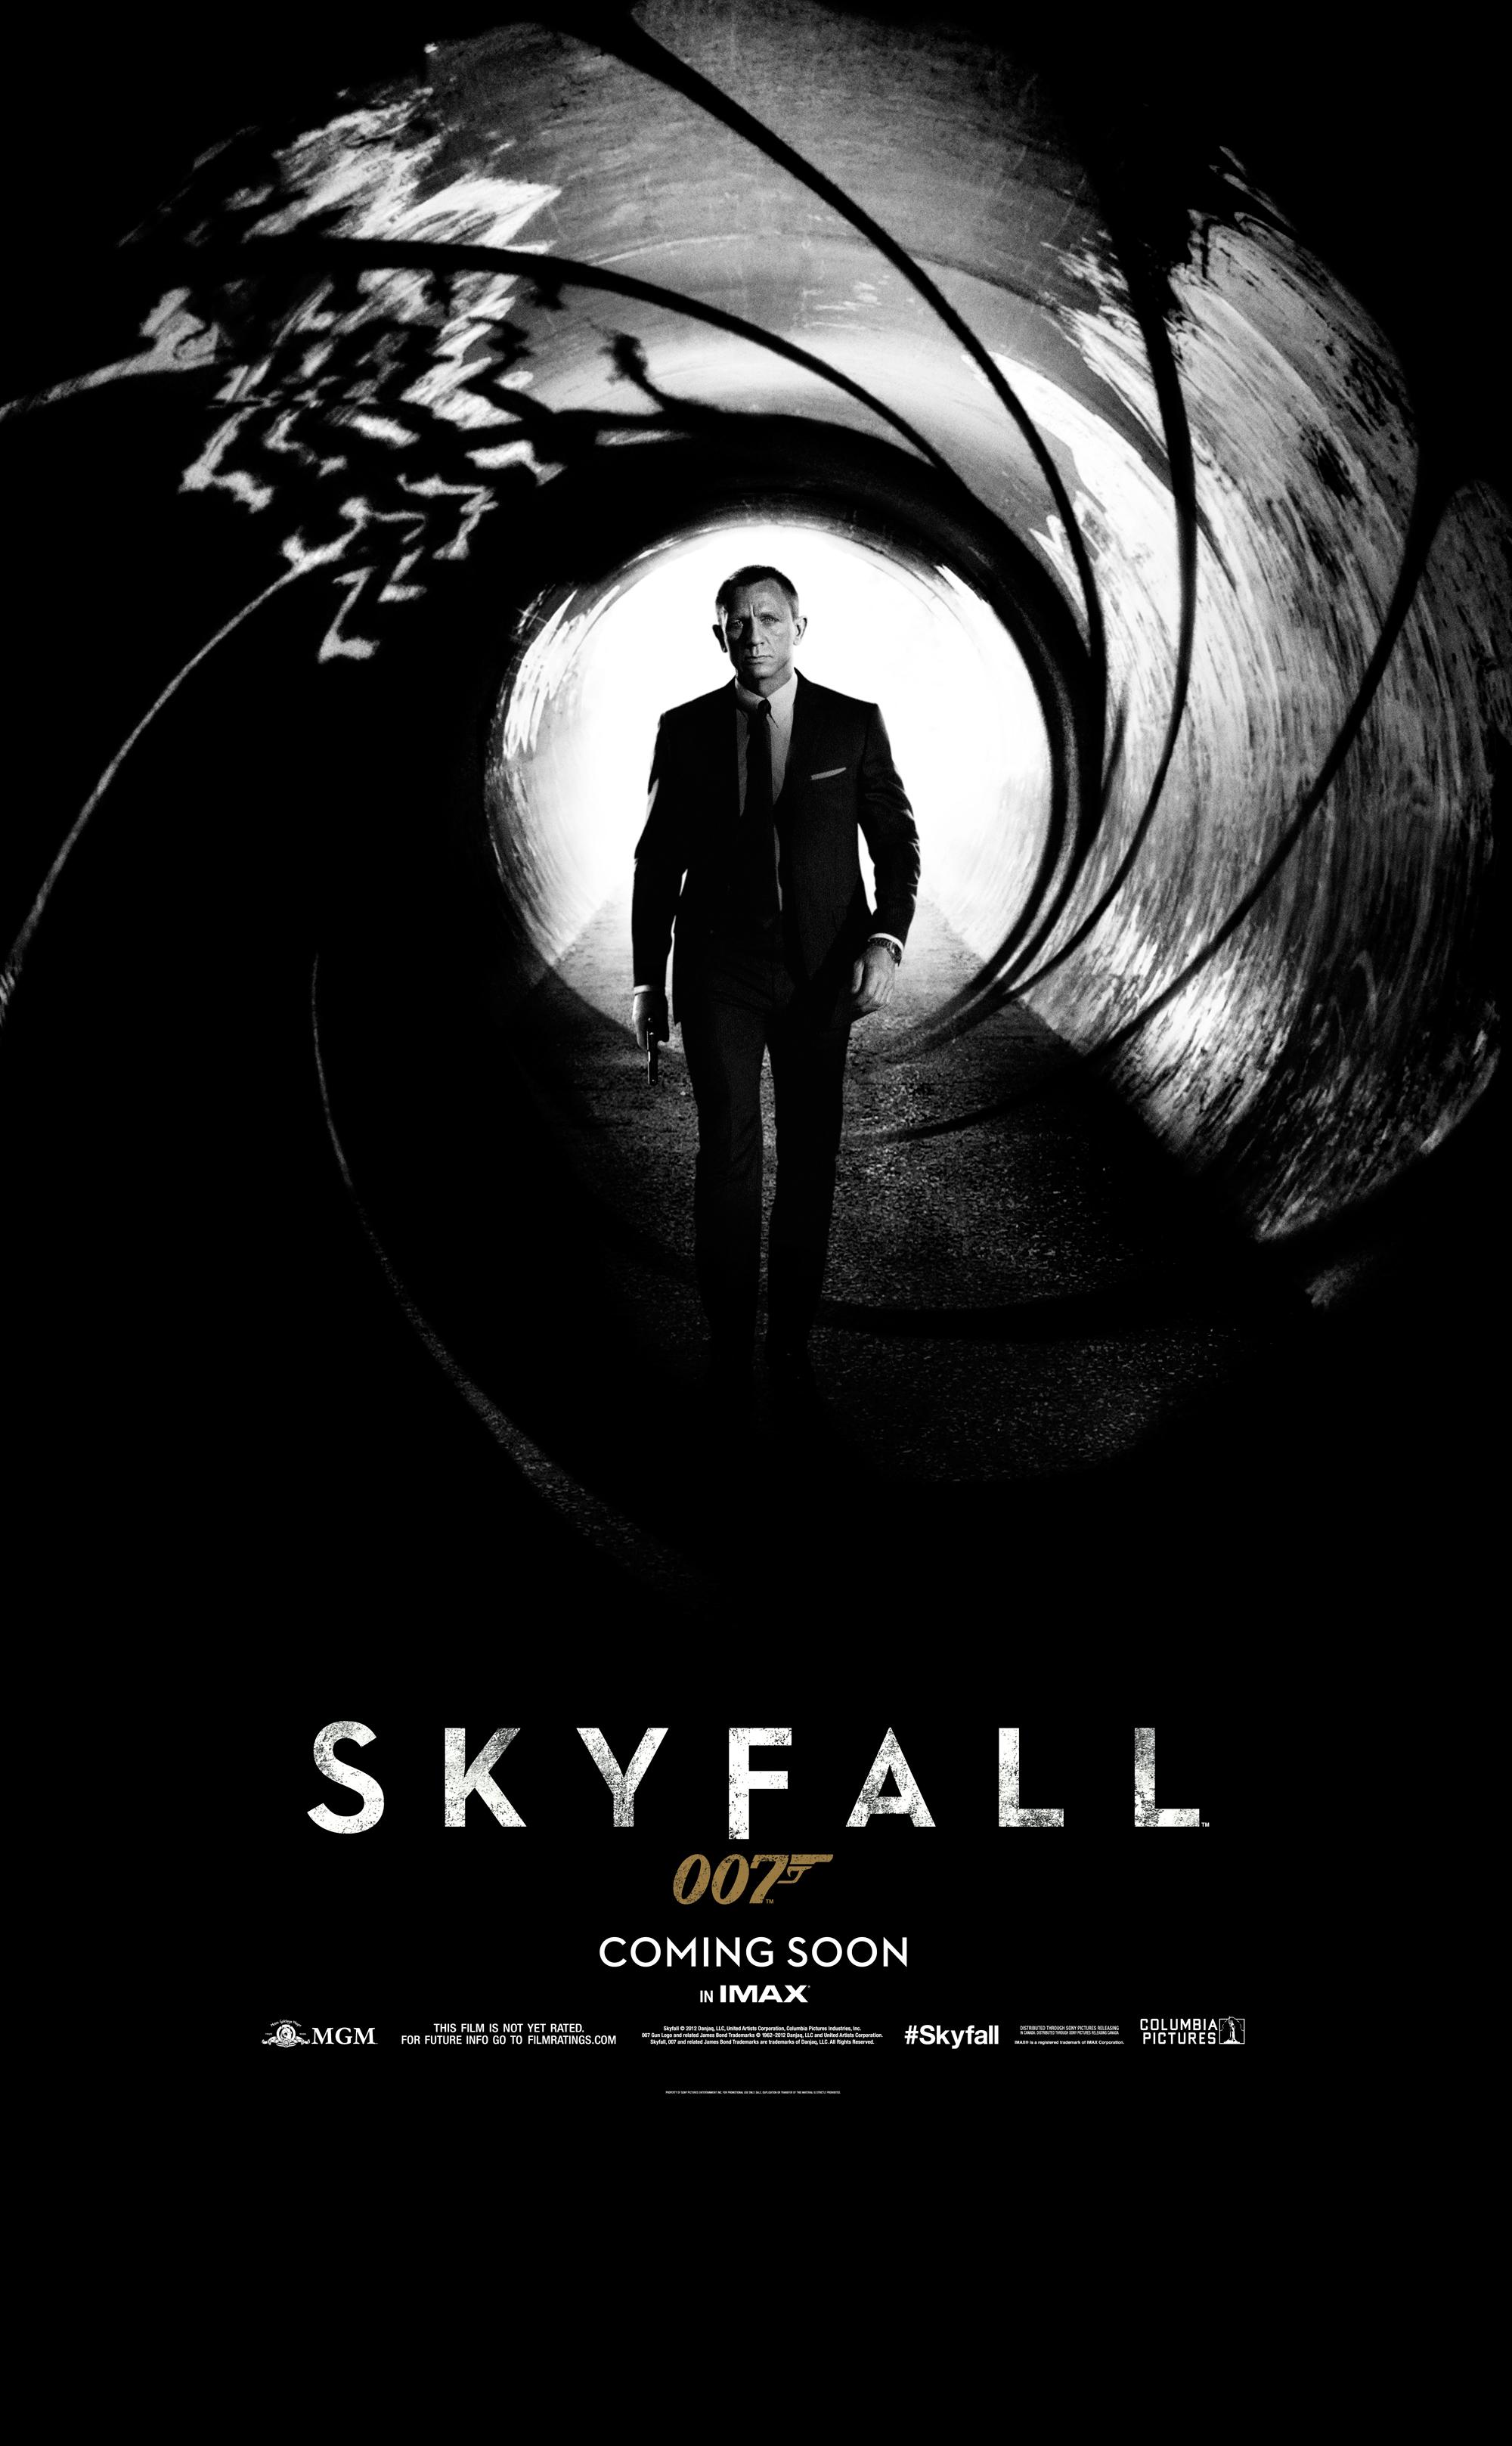 Teaser Poster Zu Skyfall Erschienen Jamesbond De